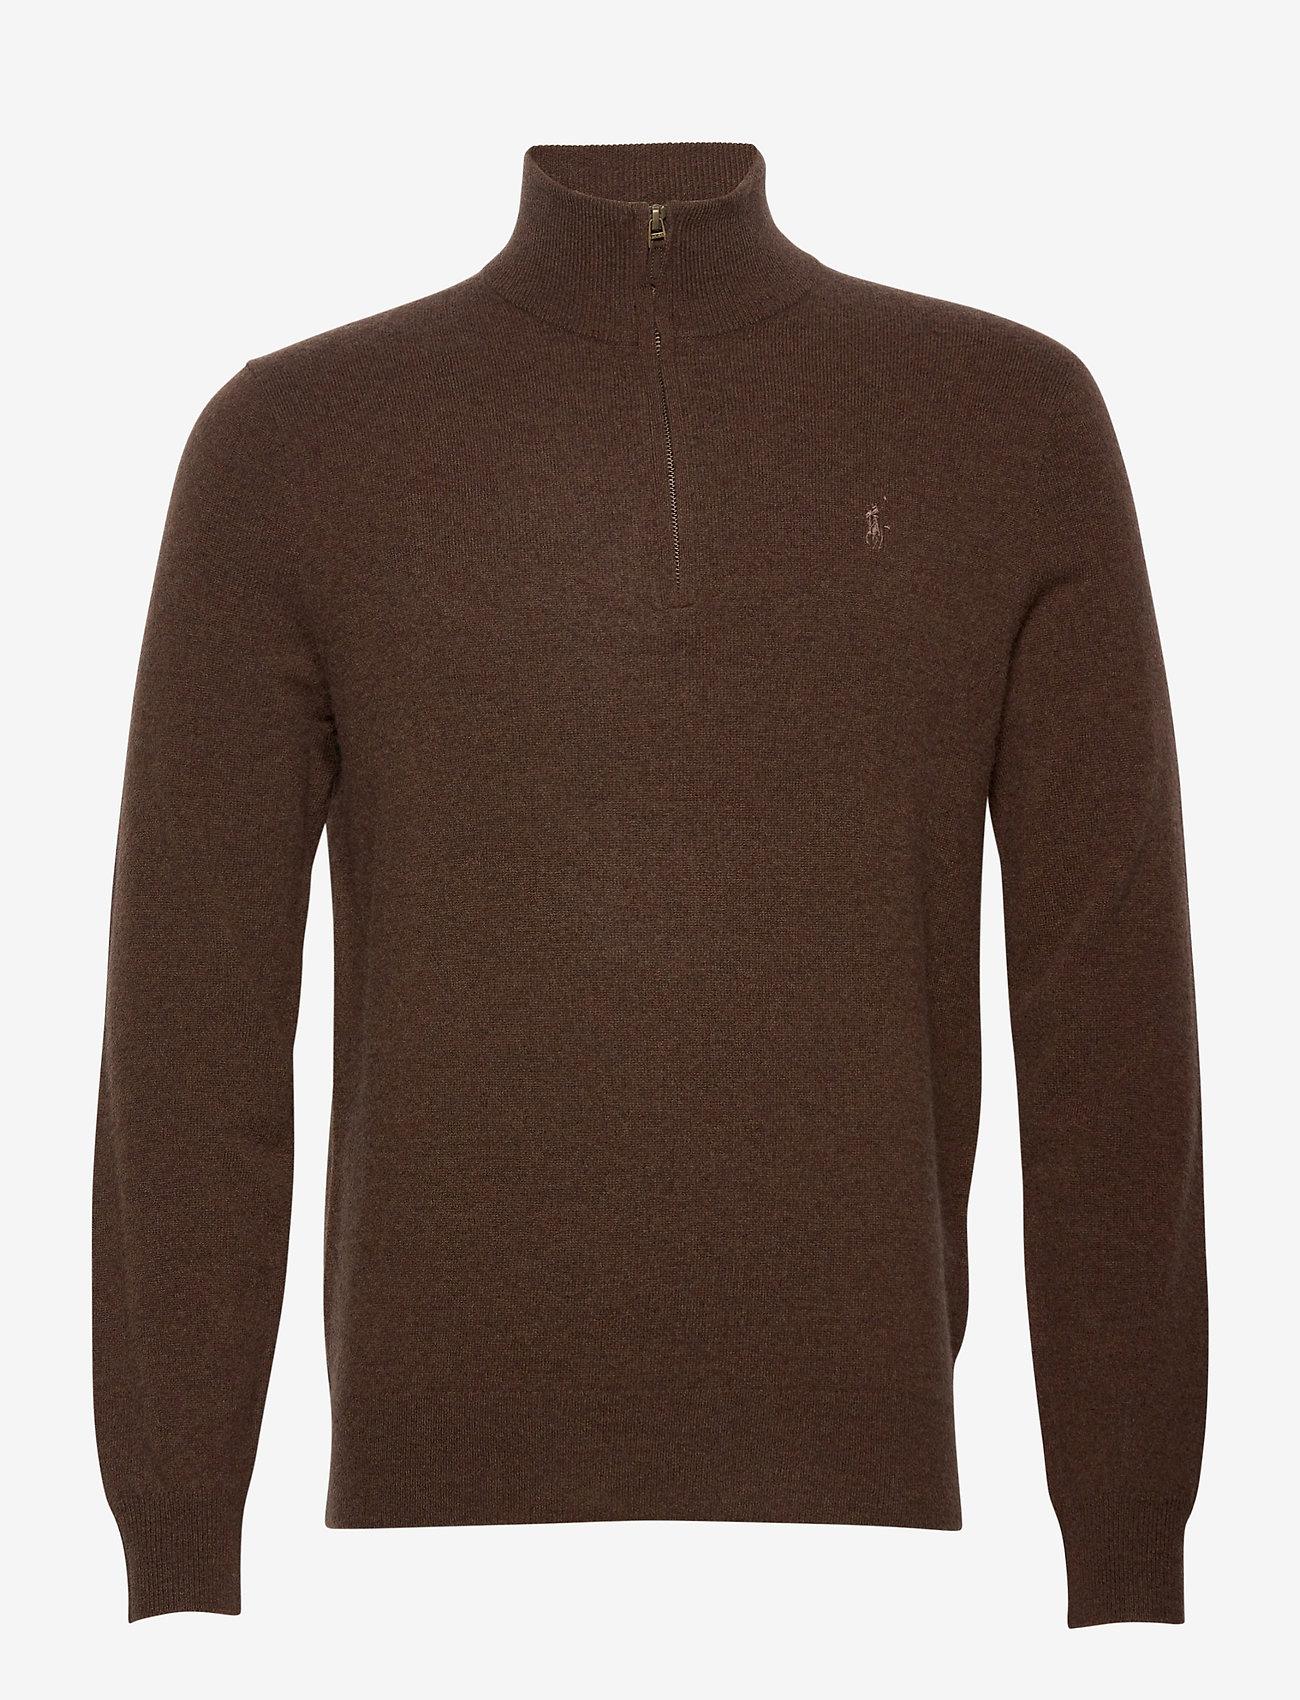 Polo Ralph Lauren - LS HZ PP-LONG SLEEVE-SWEATER - turtlenecks - brown heather - 0